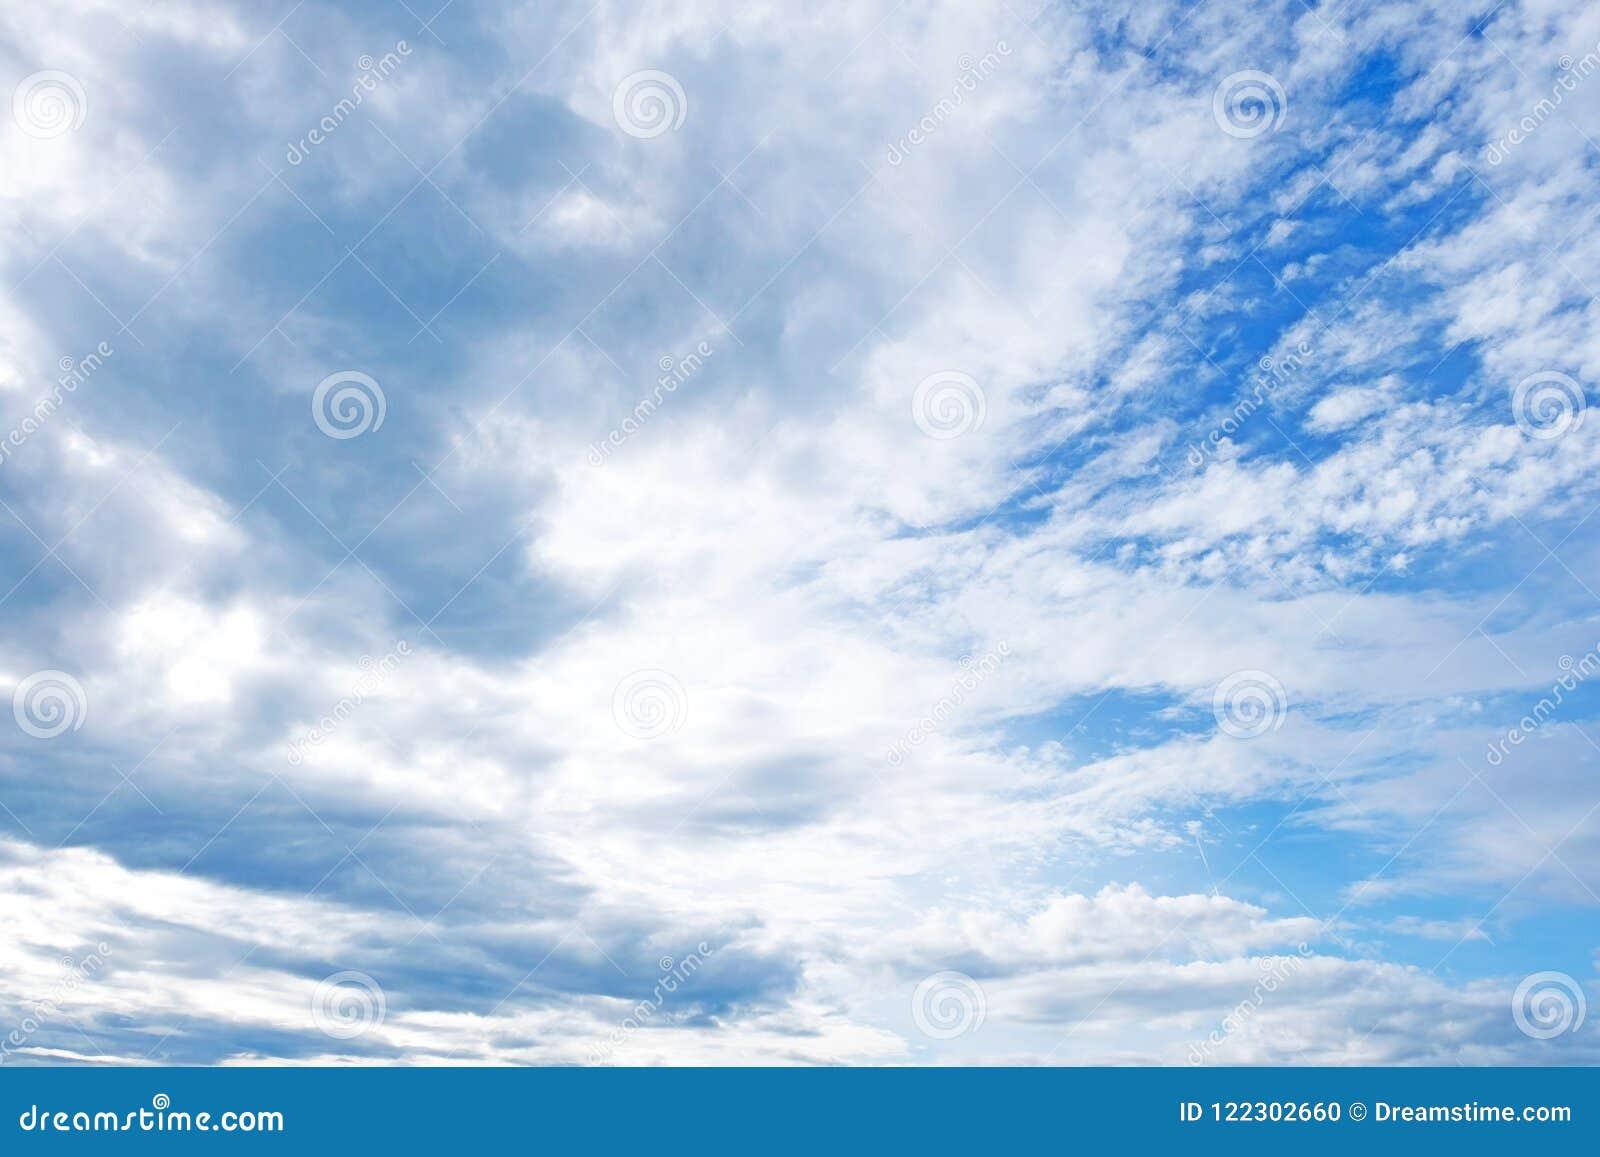 Bekijk omhoog het overzees van blauw boven de aarde De gezwollen witte wolken stippelen duidelijke blauw en de vlotter lui over d